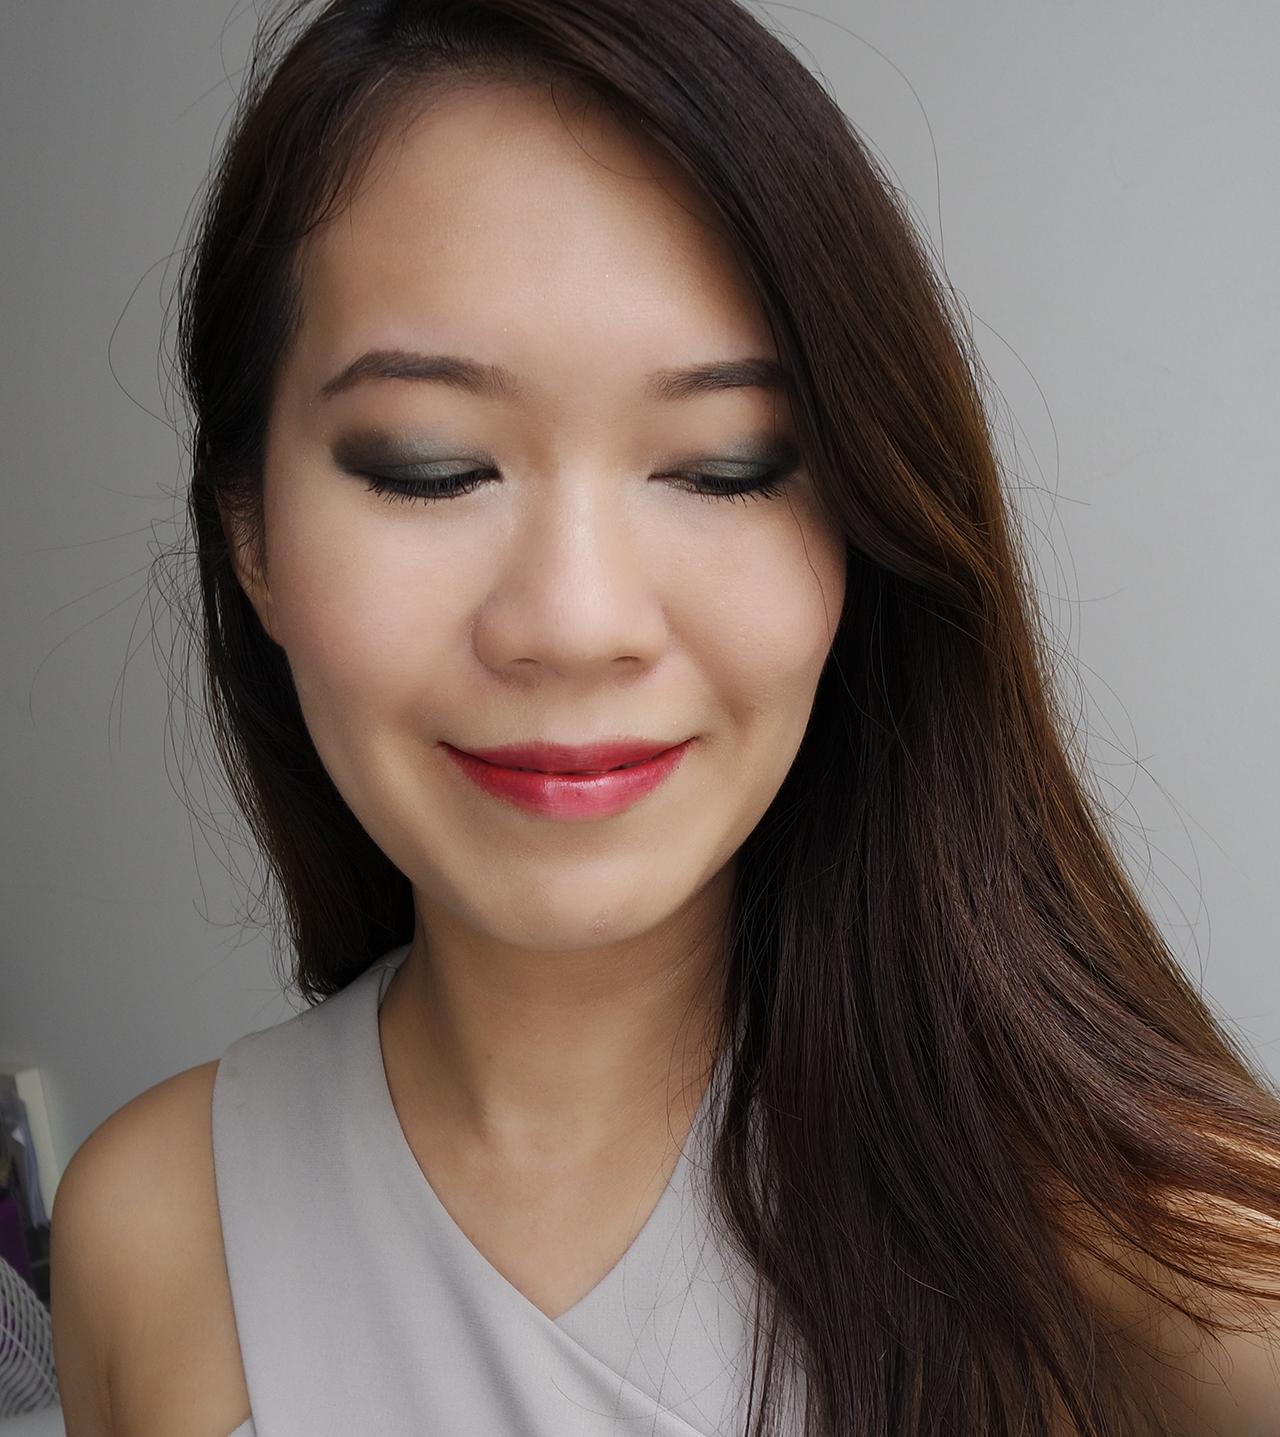 Chanel Les 9 Ombres Palette Affresco makeup look 1